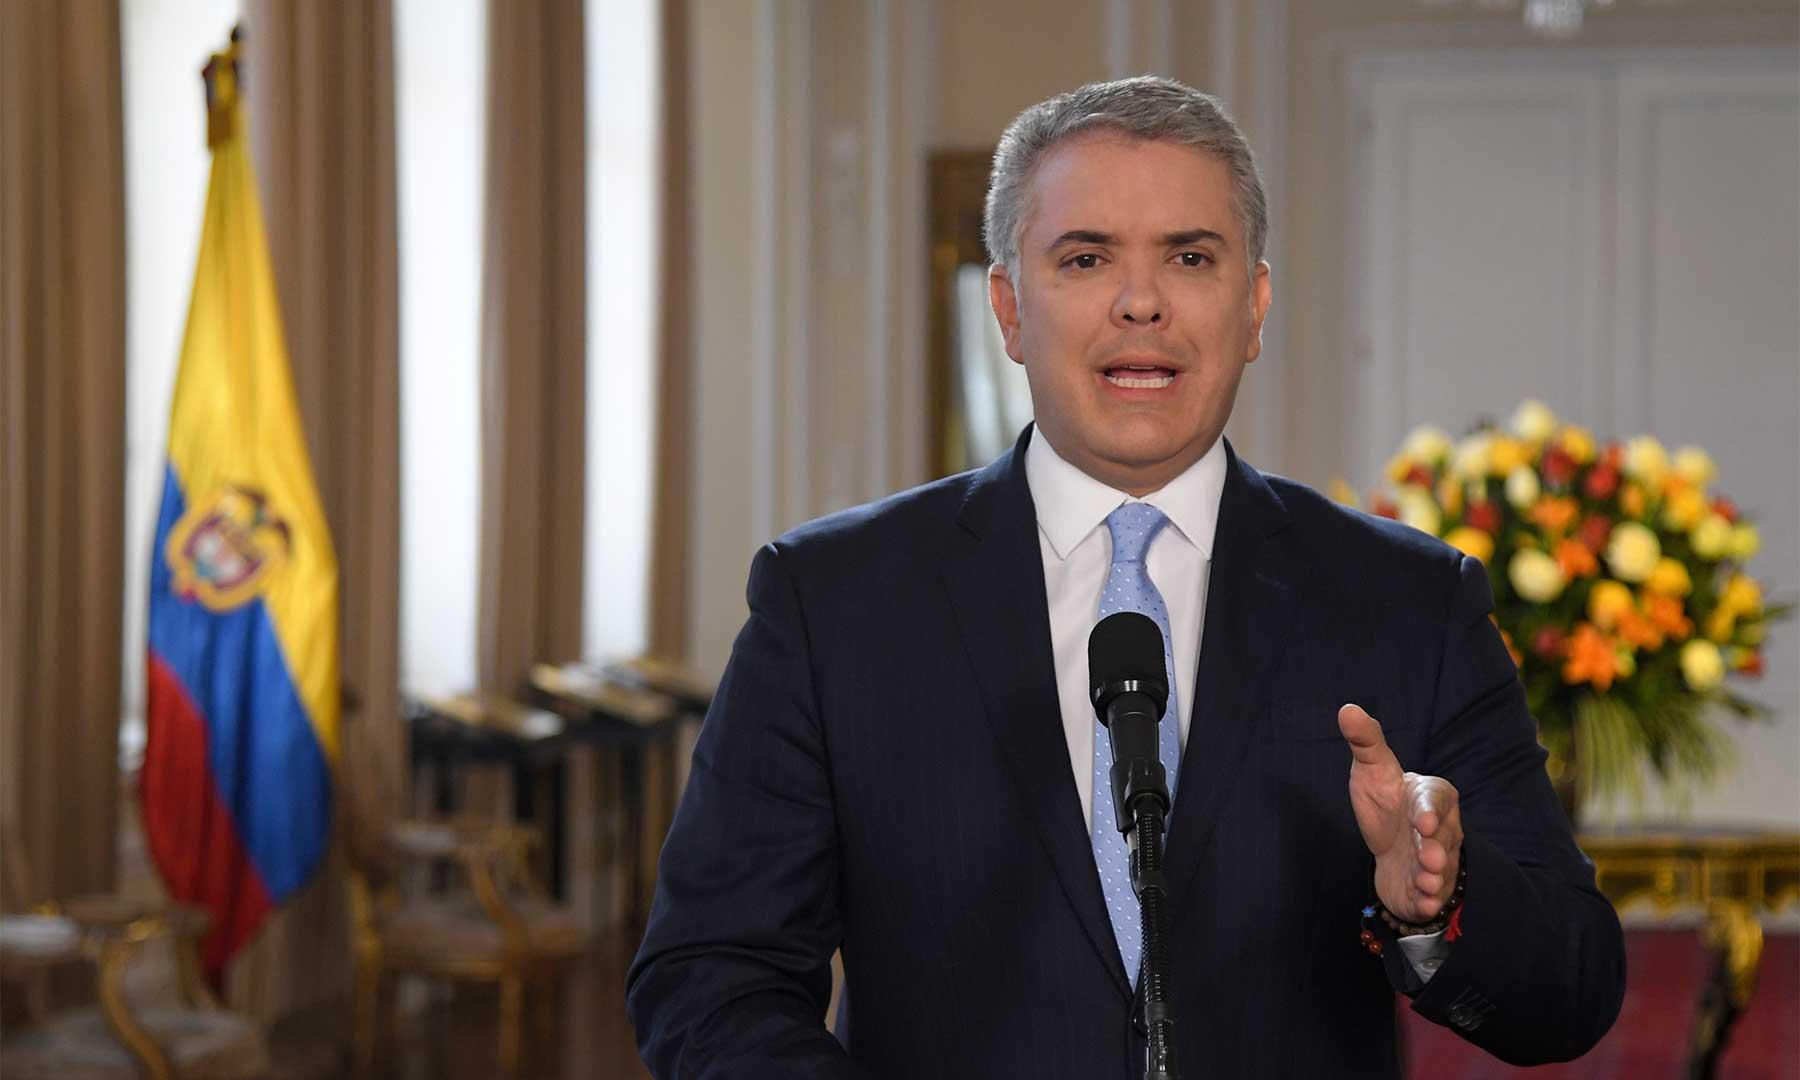 https://www.notasrosas.com/En Riohacha se expide decreto restringiendo uso de varias vías, por desplazamiento de caravana presidencial